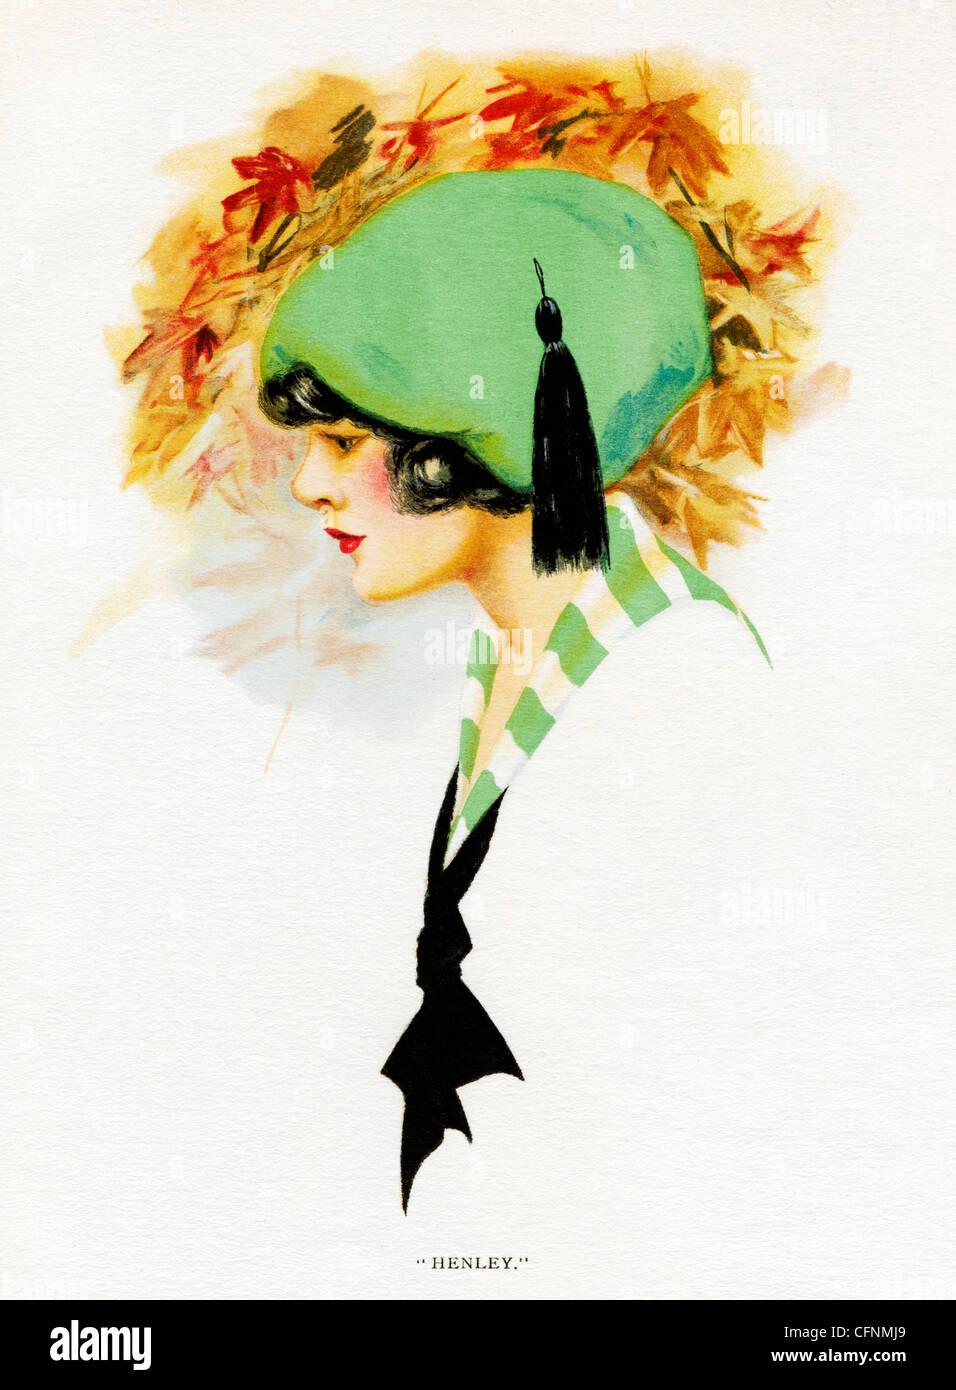 Henley, 1920 Art Deco illustrazione di una bella ragazza in un cappello verde Immagini Stock